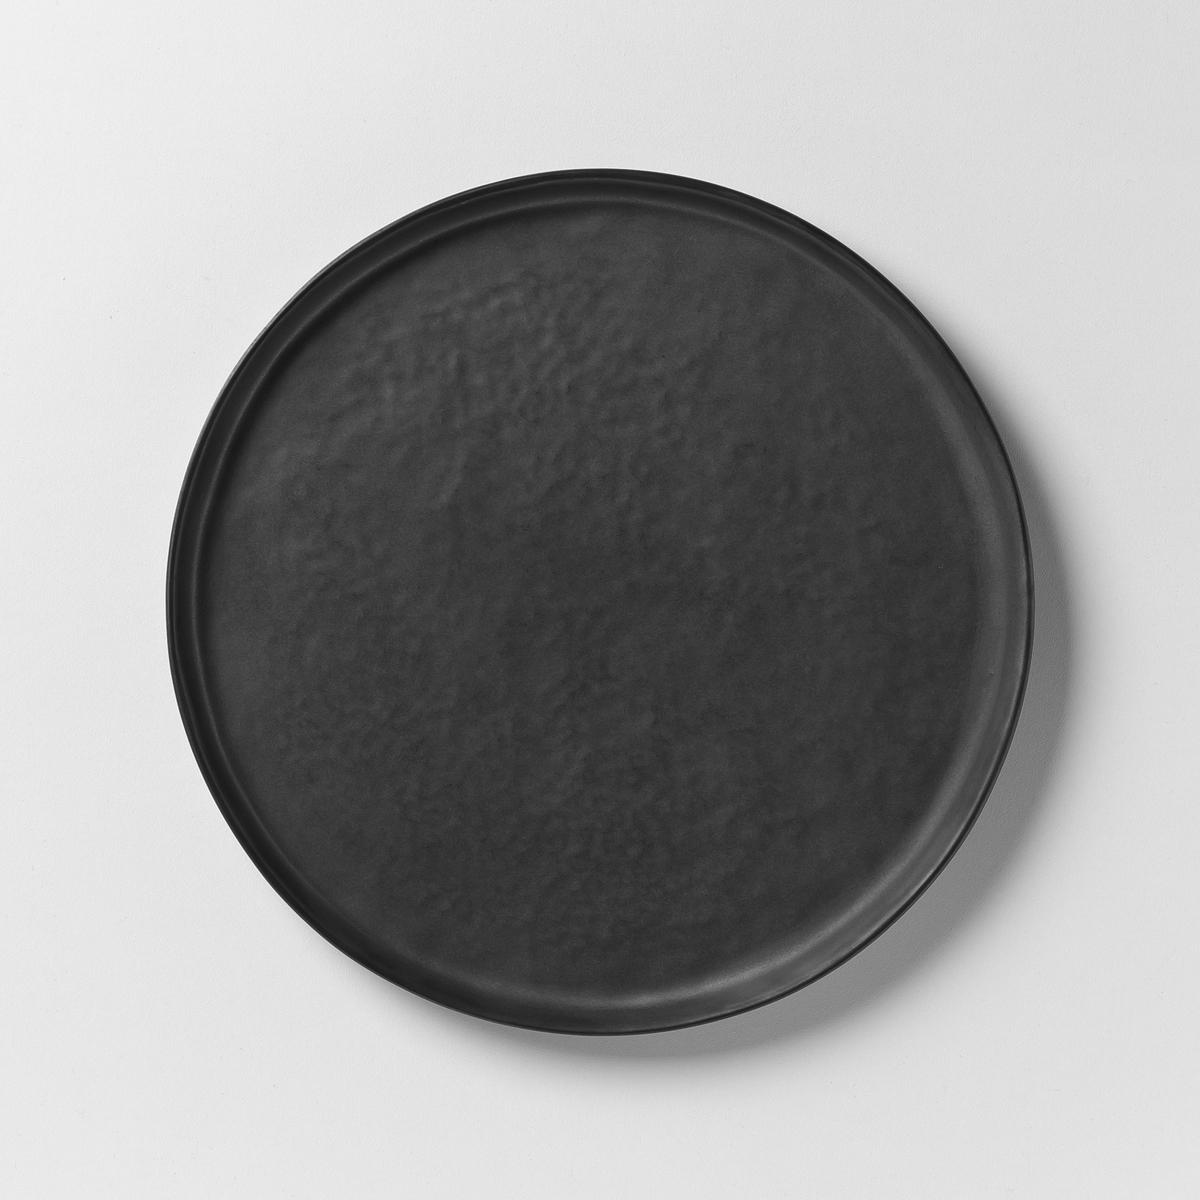 Тарелка десертная из керамики Pure P.Naessens для SeraxТарелка десертная  Pure . Приготовление восхитительных блюд в красивой керамической посуде придает романтизма и способствует хорошему настроению  . Паскаль Нессенс создал Pure, свою первую коллекцию столовых сервизов. Чистое воплощение аутентичности и теплоты, рожденные из органических форм и натуральных материалов. Характеристики: :- Из матовой керамики с эффектом чеканки .- Можно использовать в посудомоечных машинах и микроволновых печах.- Плоская тарелка и чашка из комплекта продаются на нашем сайте .Размеры  :- ?21,5 x Выс 1,3 см .<br><br>Цвет: черный<br>Размер: единый размер